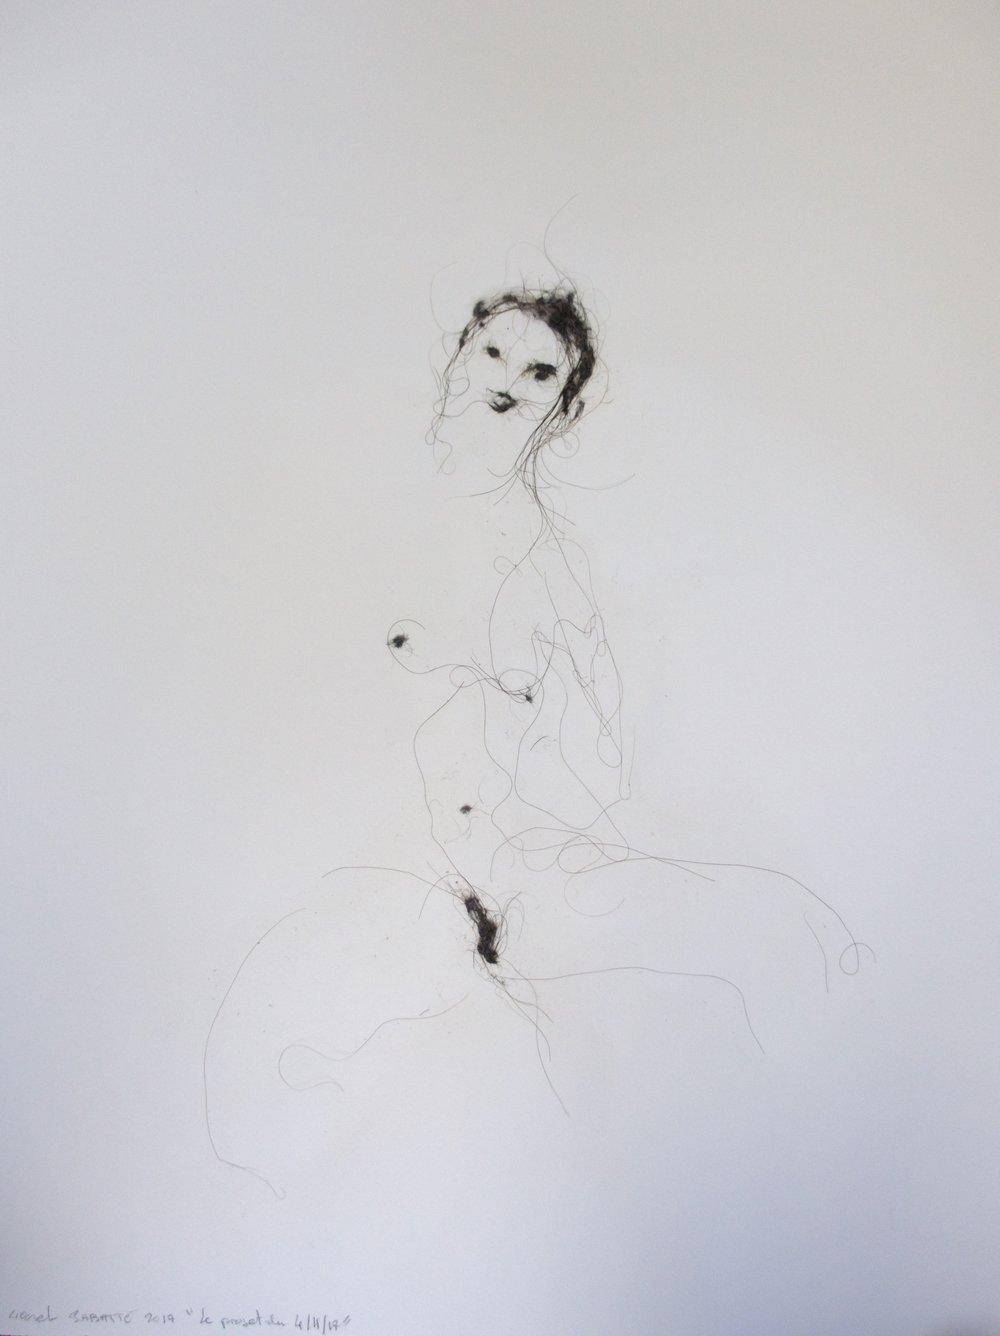 Lionel Sabatté,«Le projet du 04/11/17», poussière sur papier Arches,61×46 cm, 2017. Courtesy Galerie C